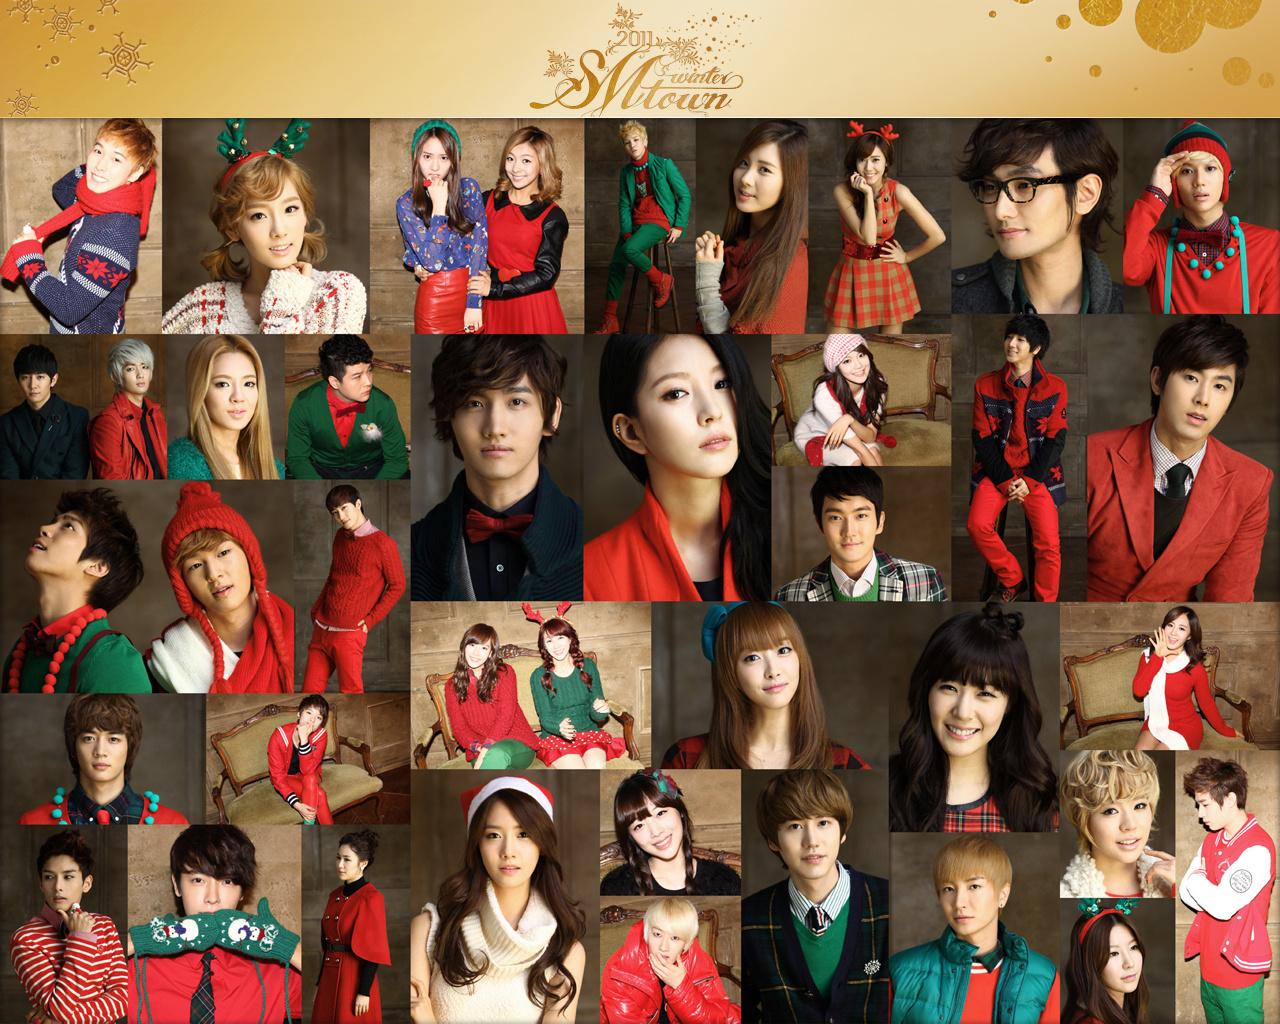 SNSD - SMTown 2011 Winter Album